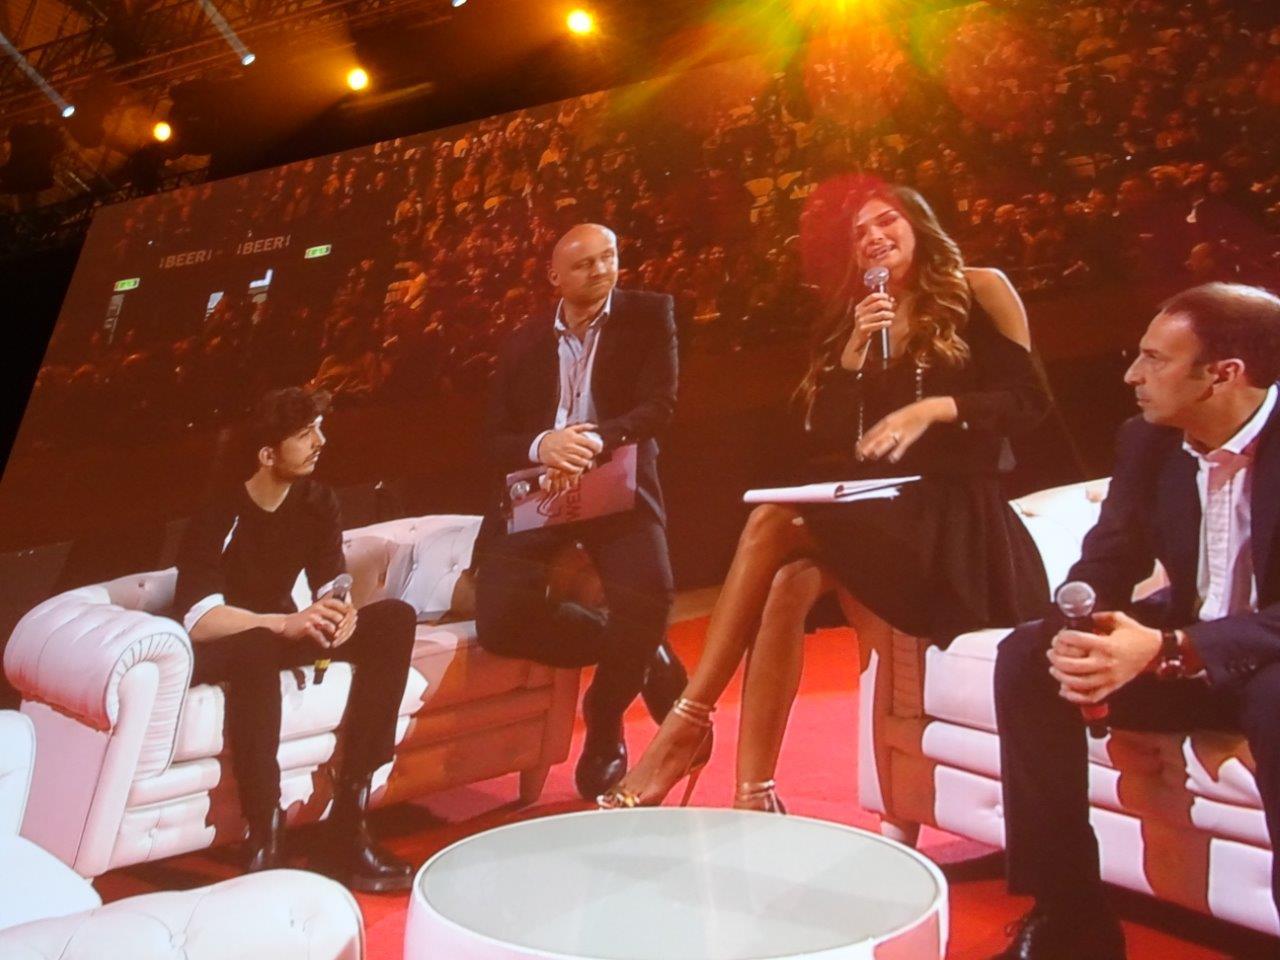 Giorgio Cristaldi intervistato durante il Wella Collection Show